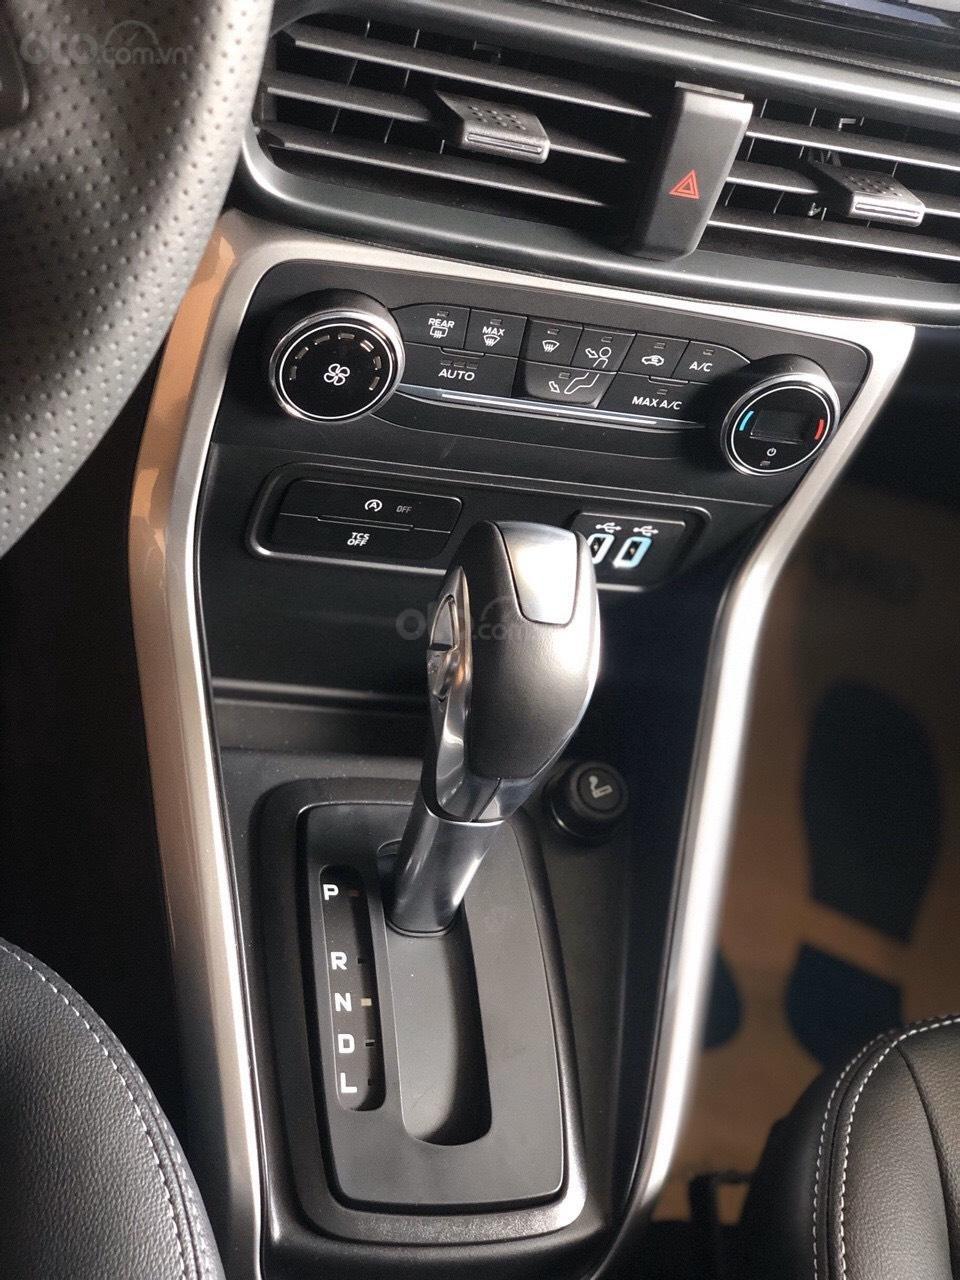 Ford Explorer 2019 nhập khẩu giá sốc ngập tràn ưu đãi, LH: 0908812444 Ms Ngọc Anh (6)